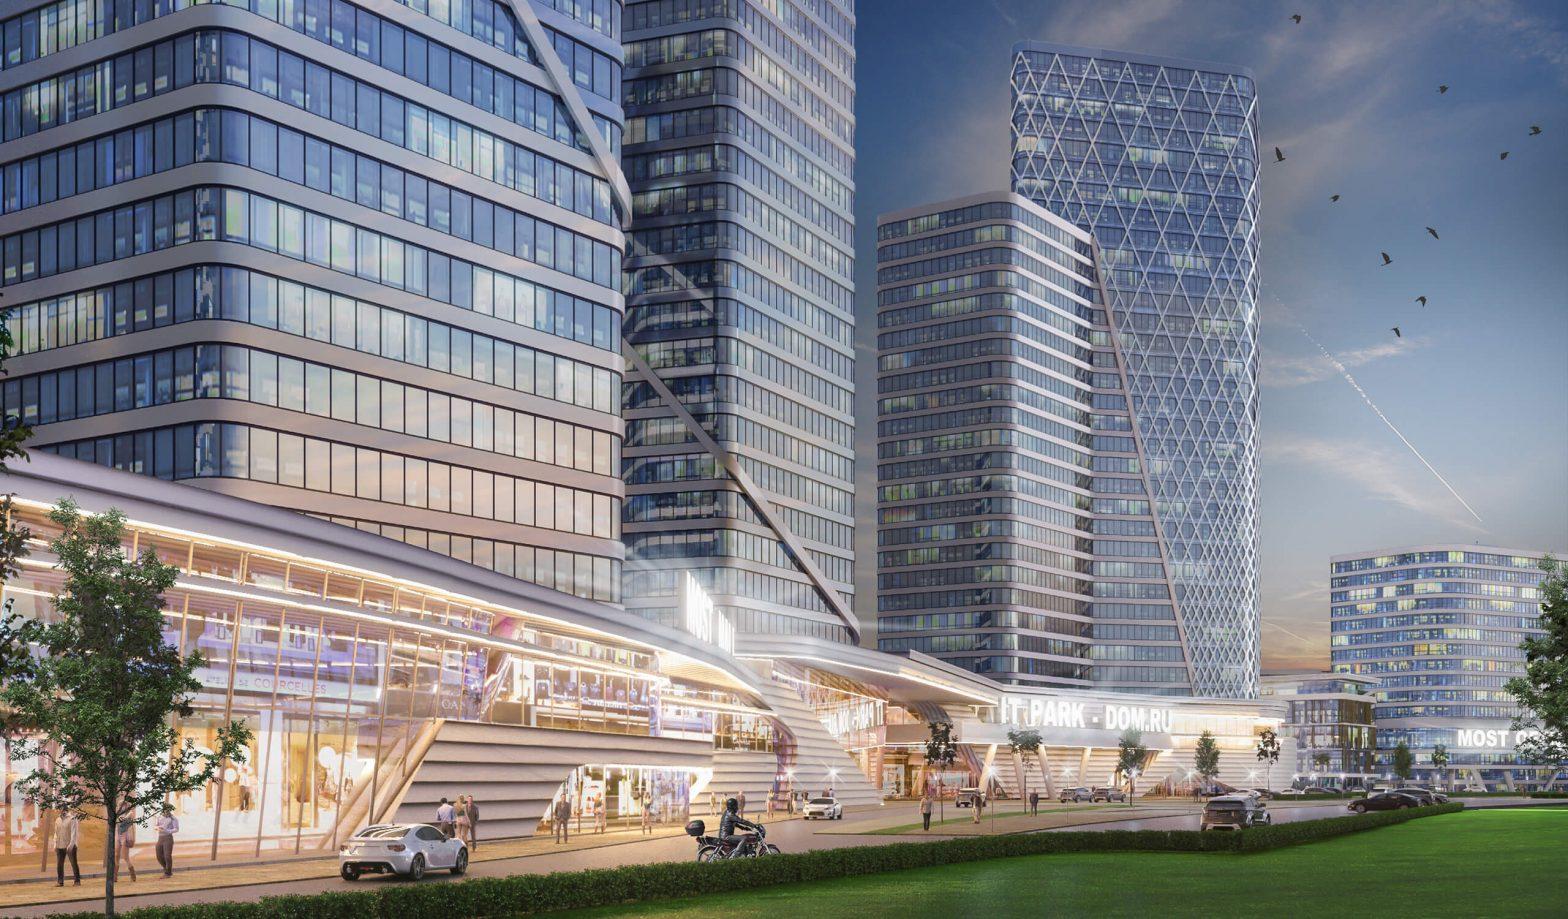 Разработка концепции развития бывшей промышленной территорий под жилую застройку